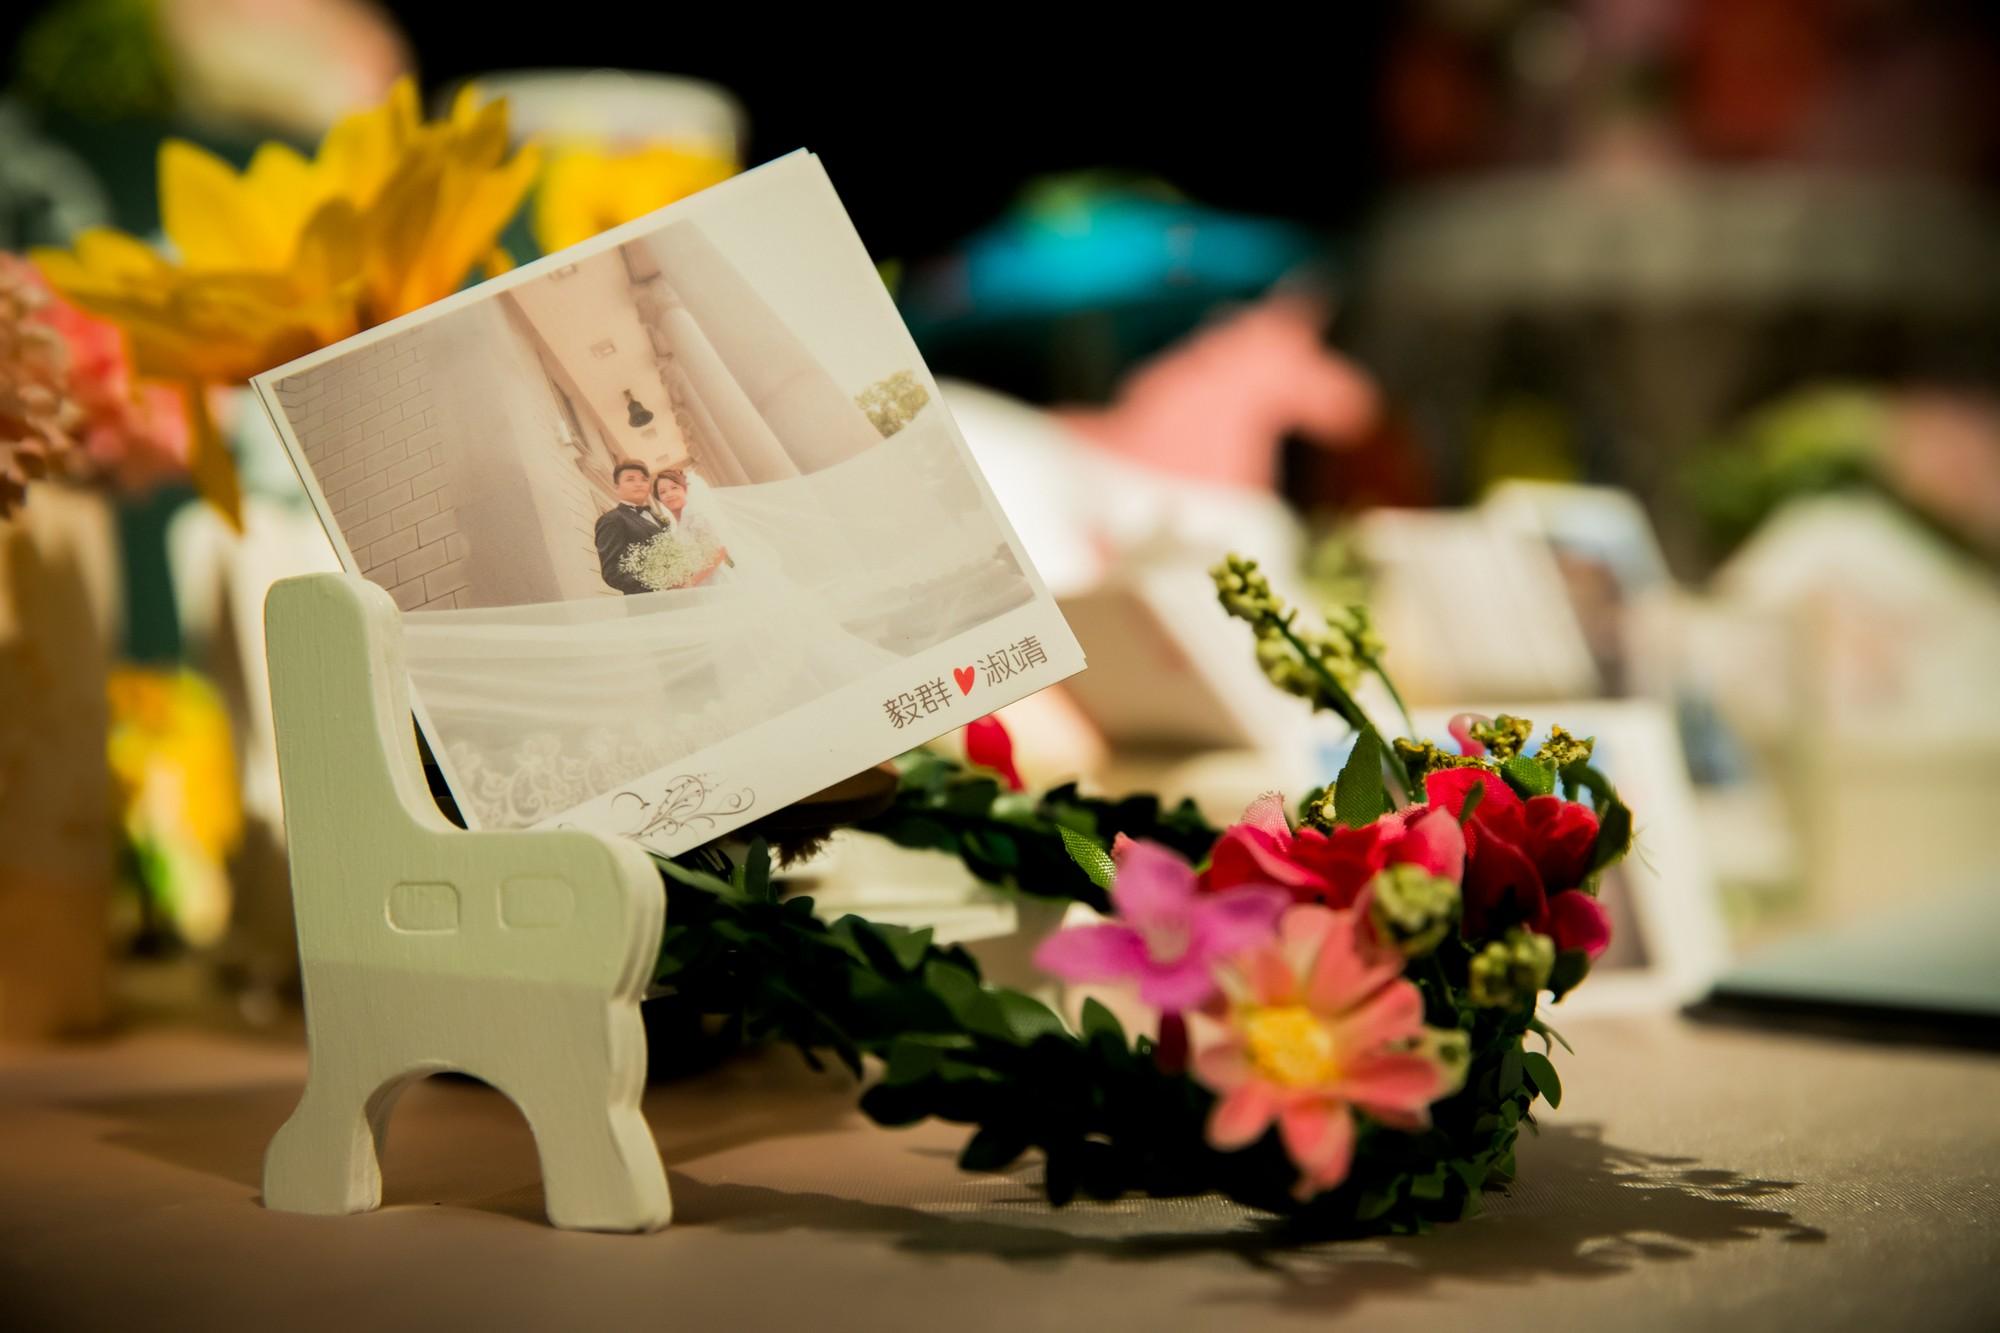 婚紗照輸出,婚紗相簿,喜帖設計,婚禮小物